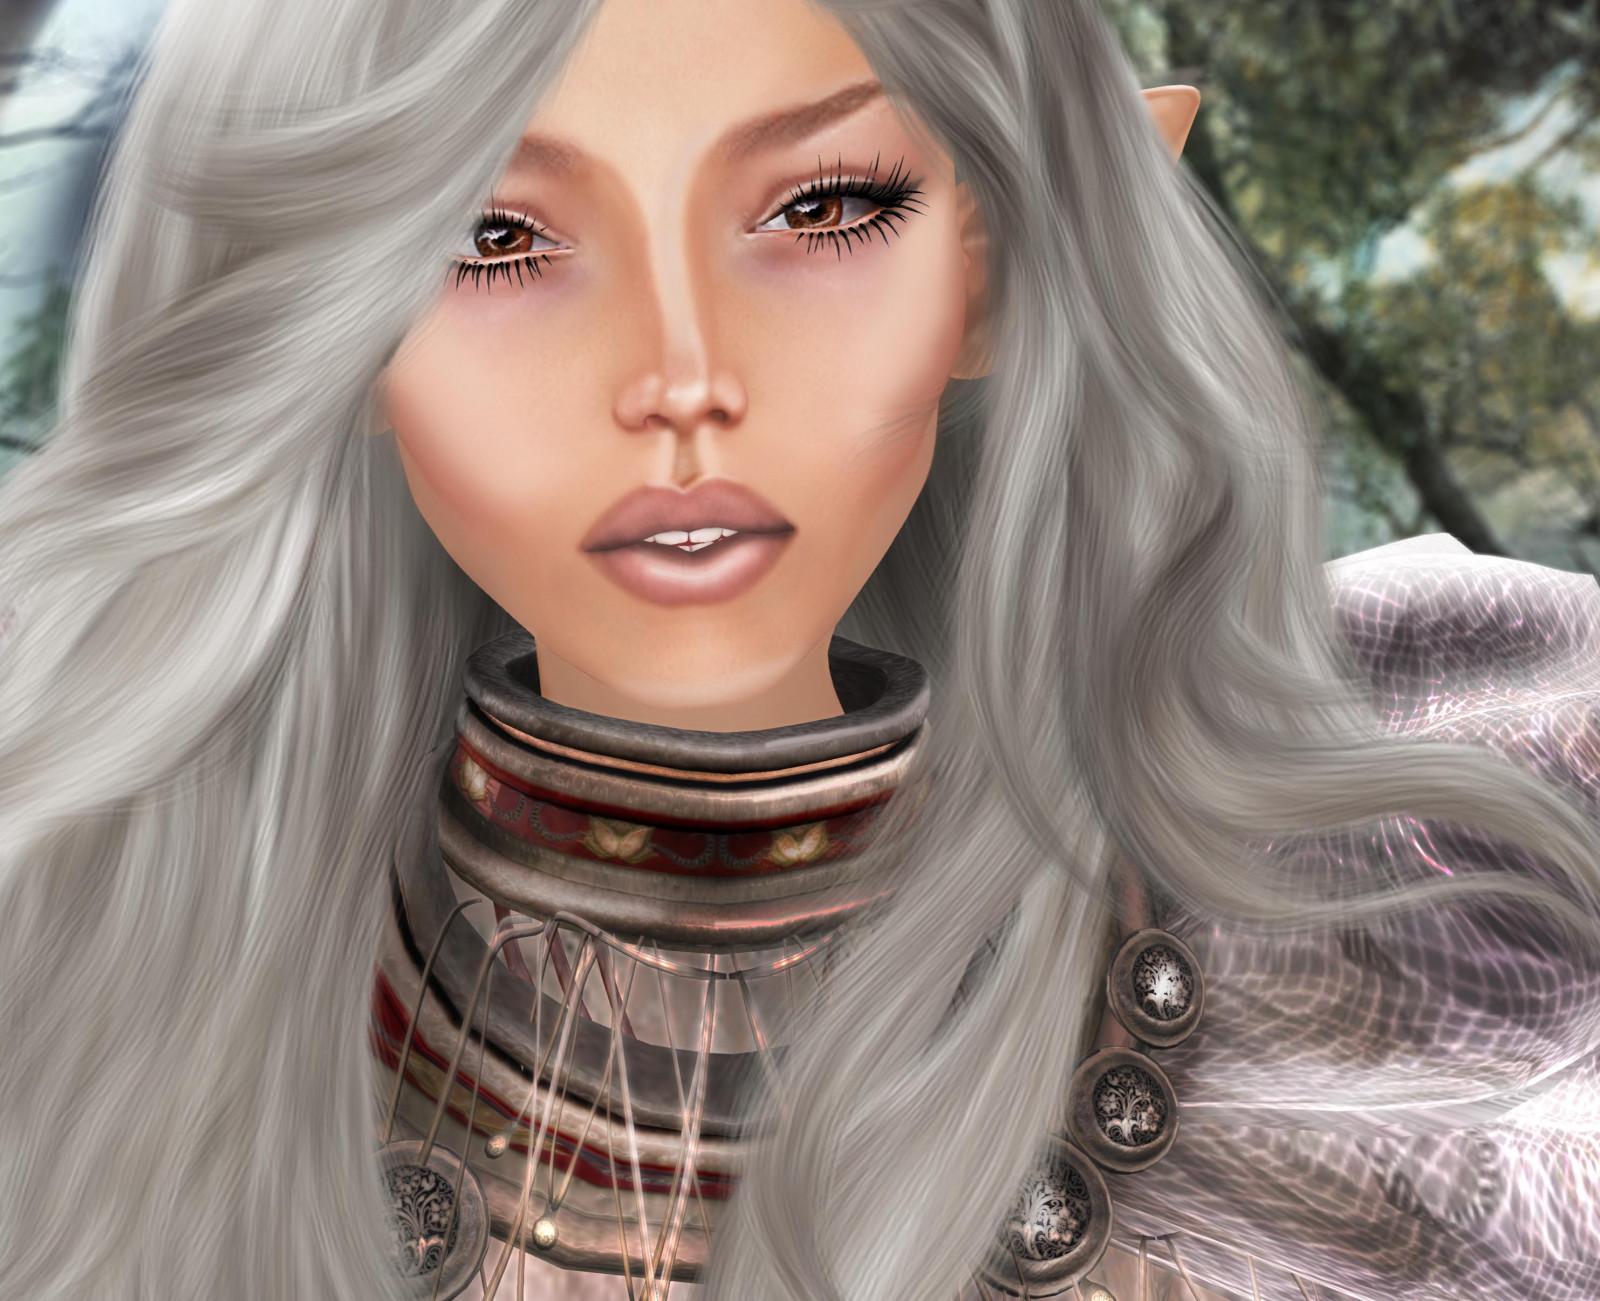 Hintergrundbilder Malerei Augen Lange Haare Schatten Mond